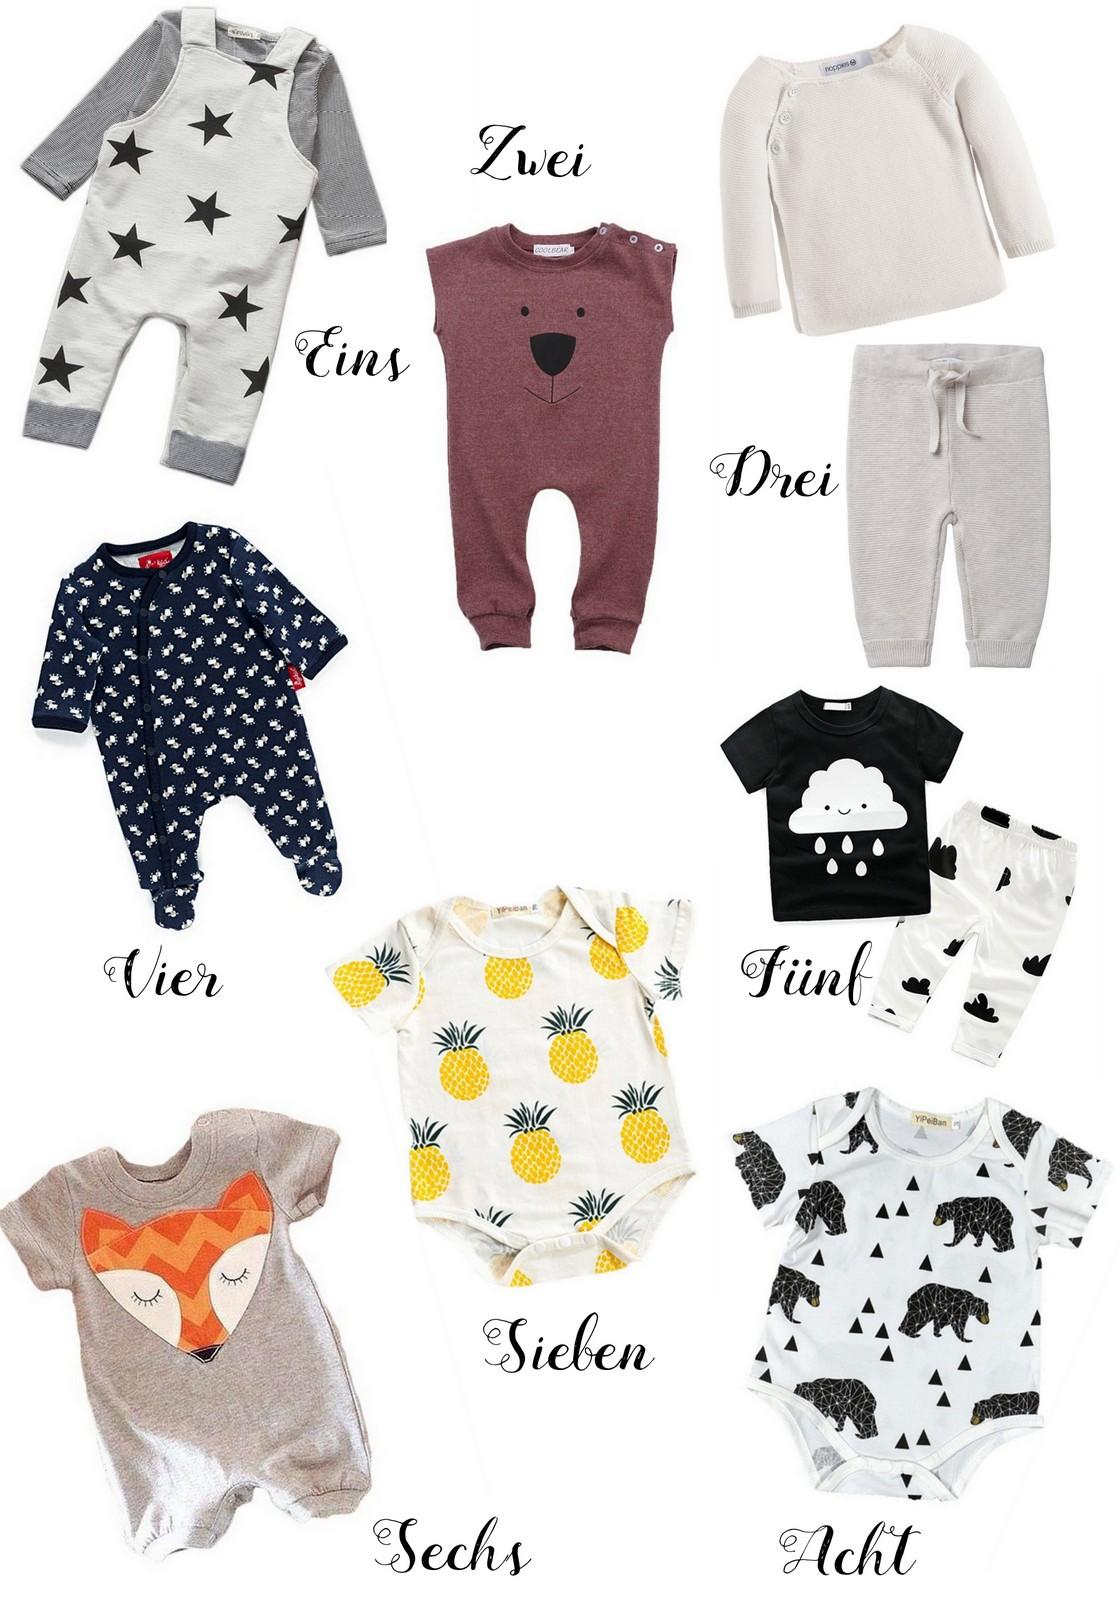 Geschlechtsneutrale Babykleidung für Jungen und Mädchen. Tipps für Unisex Baby Kleidung auf I need sunshine Mama Blogger aus Karlsruhe